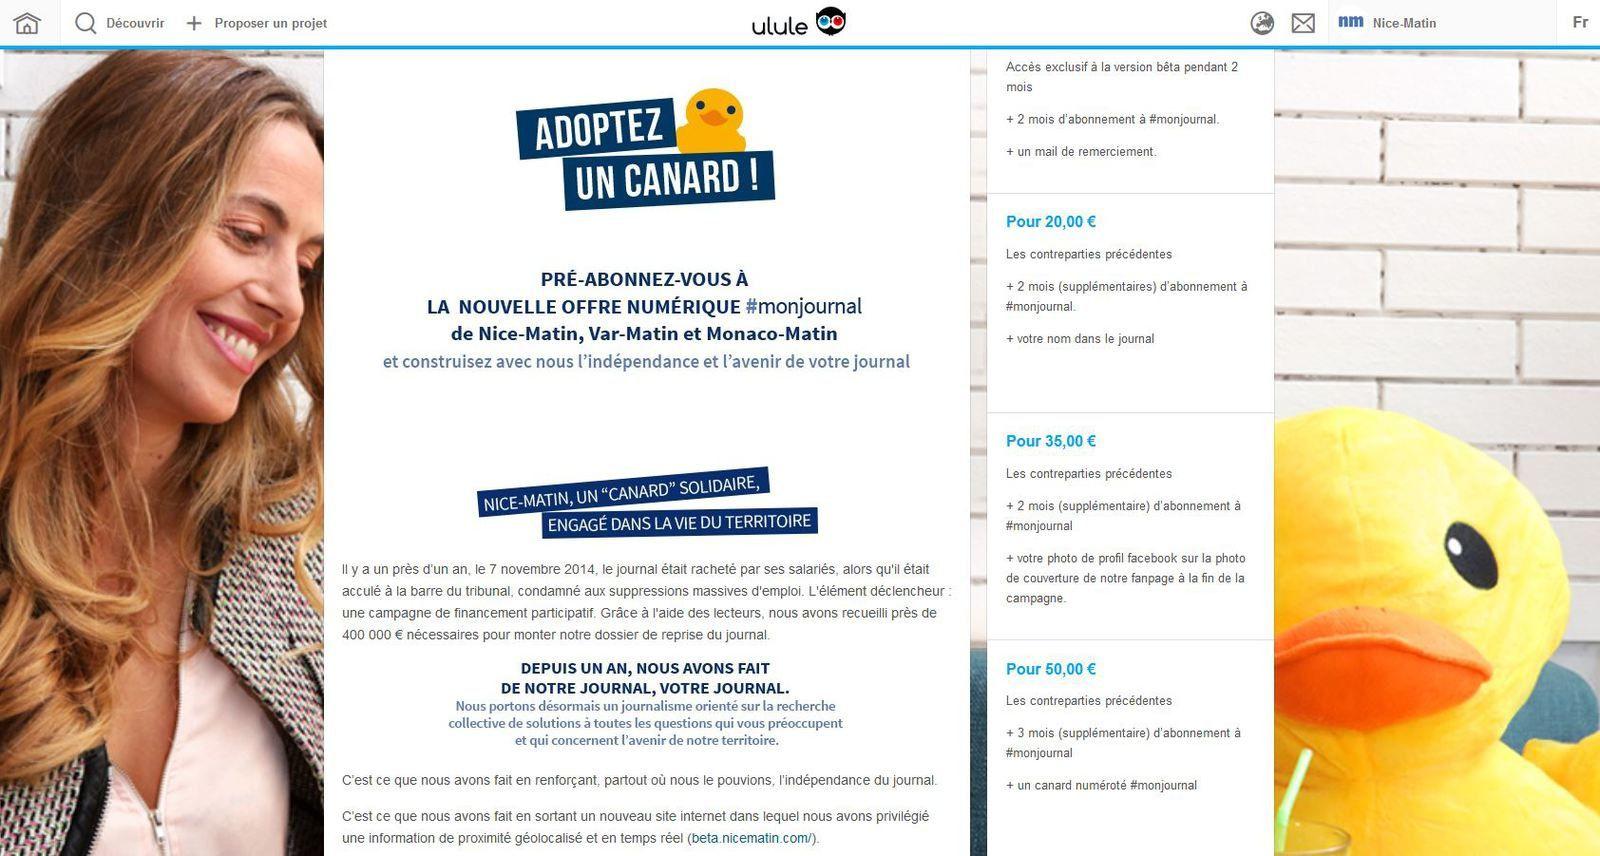 Découvrez pourquoi Nice-Matin et Var-Matin ont choisi le financement participatif pour lancer leur offre abonnés